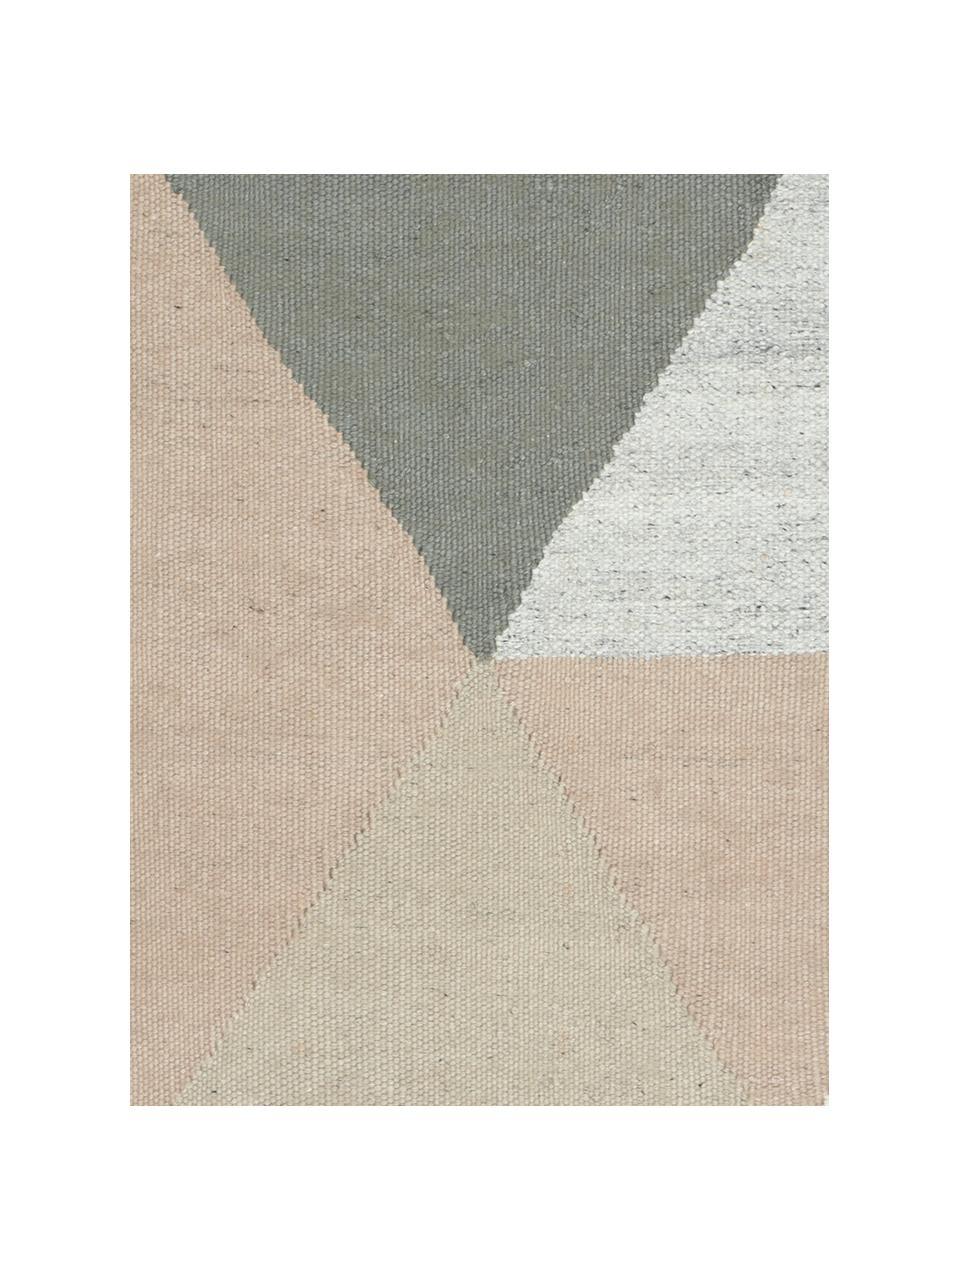 Handgewebter Viskoseteppich Snefrid mit abstraktem Muster, 80% Viskose, 20% Wolle, Grün, Grau, Beige, B 170 x L 240 cm (Größe M)